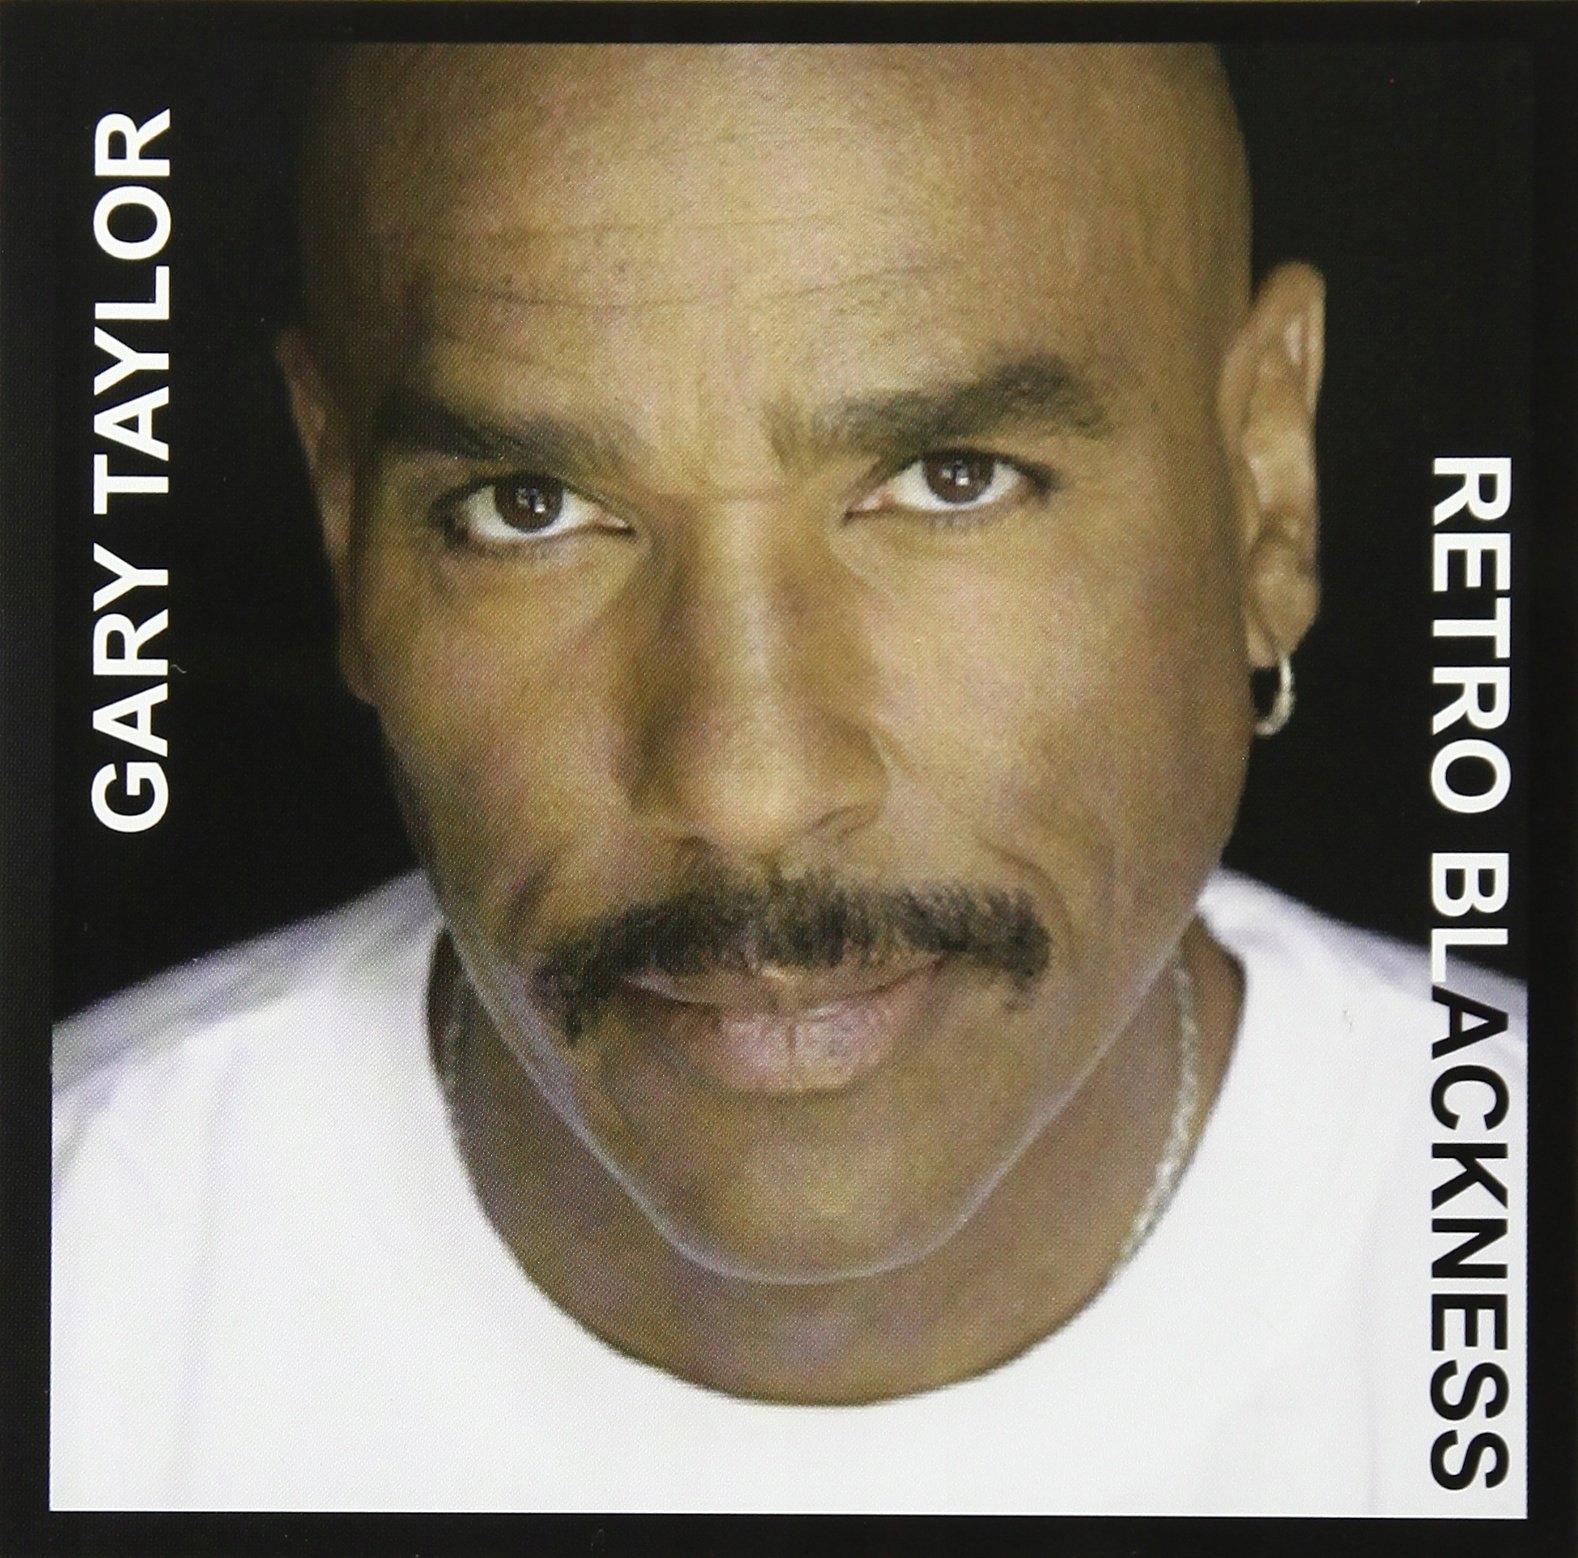 Gary Taylor - Retro Blackness